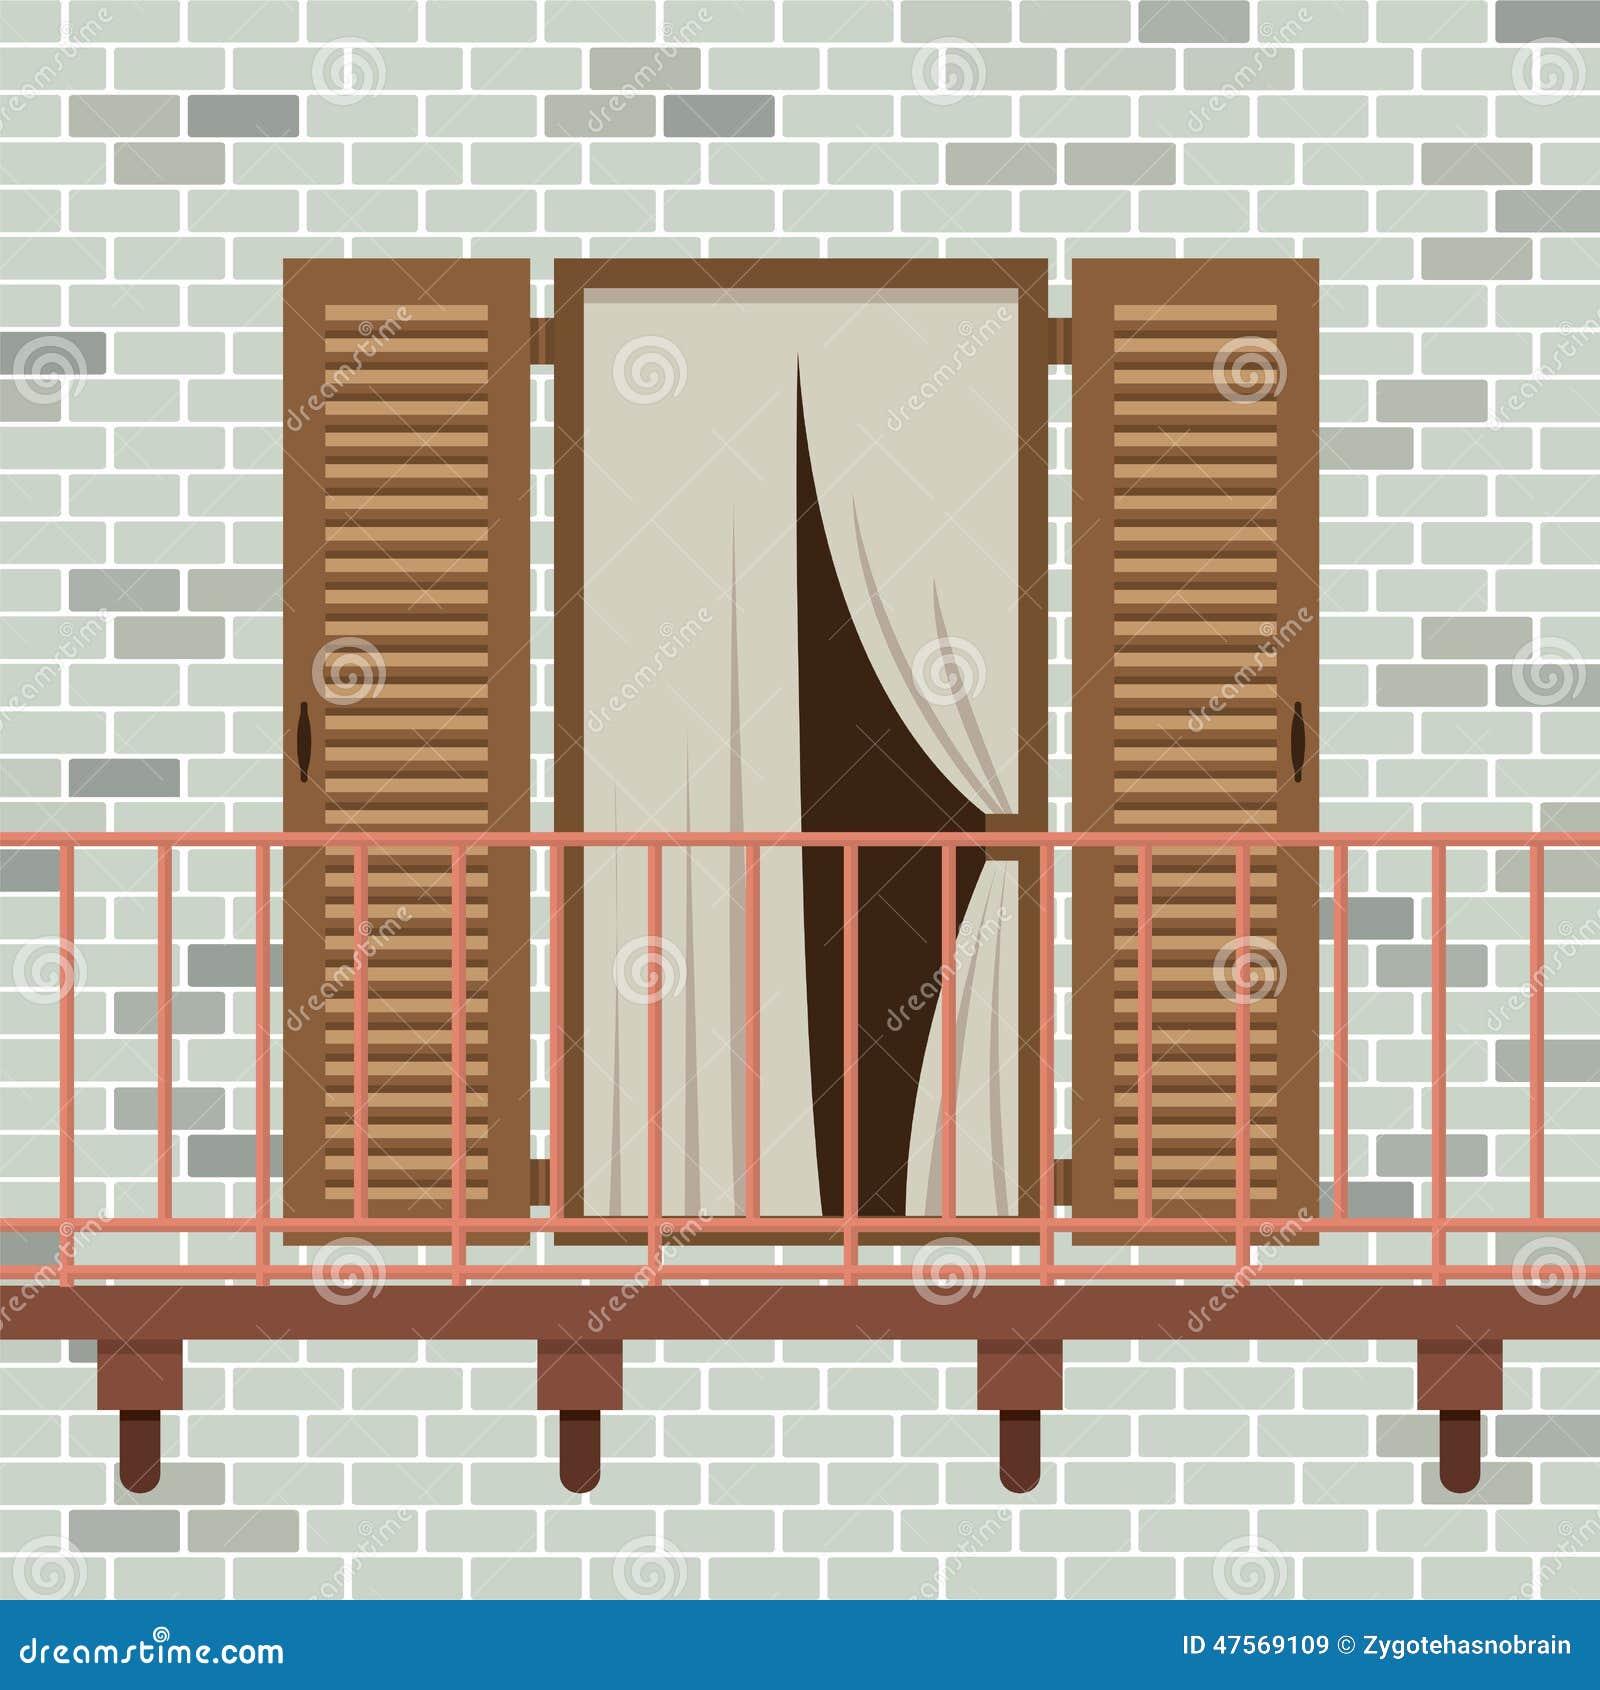 Opened wooden door with balcony stock vector image 47569109 for Balcony vector